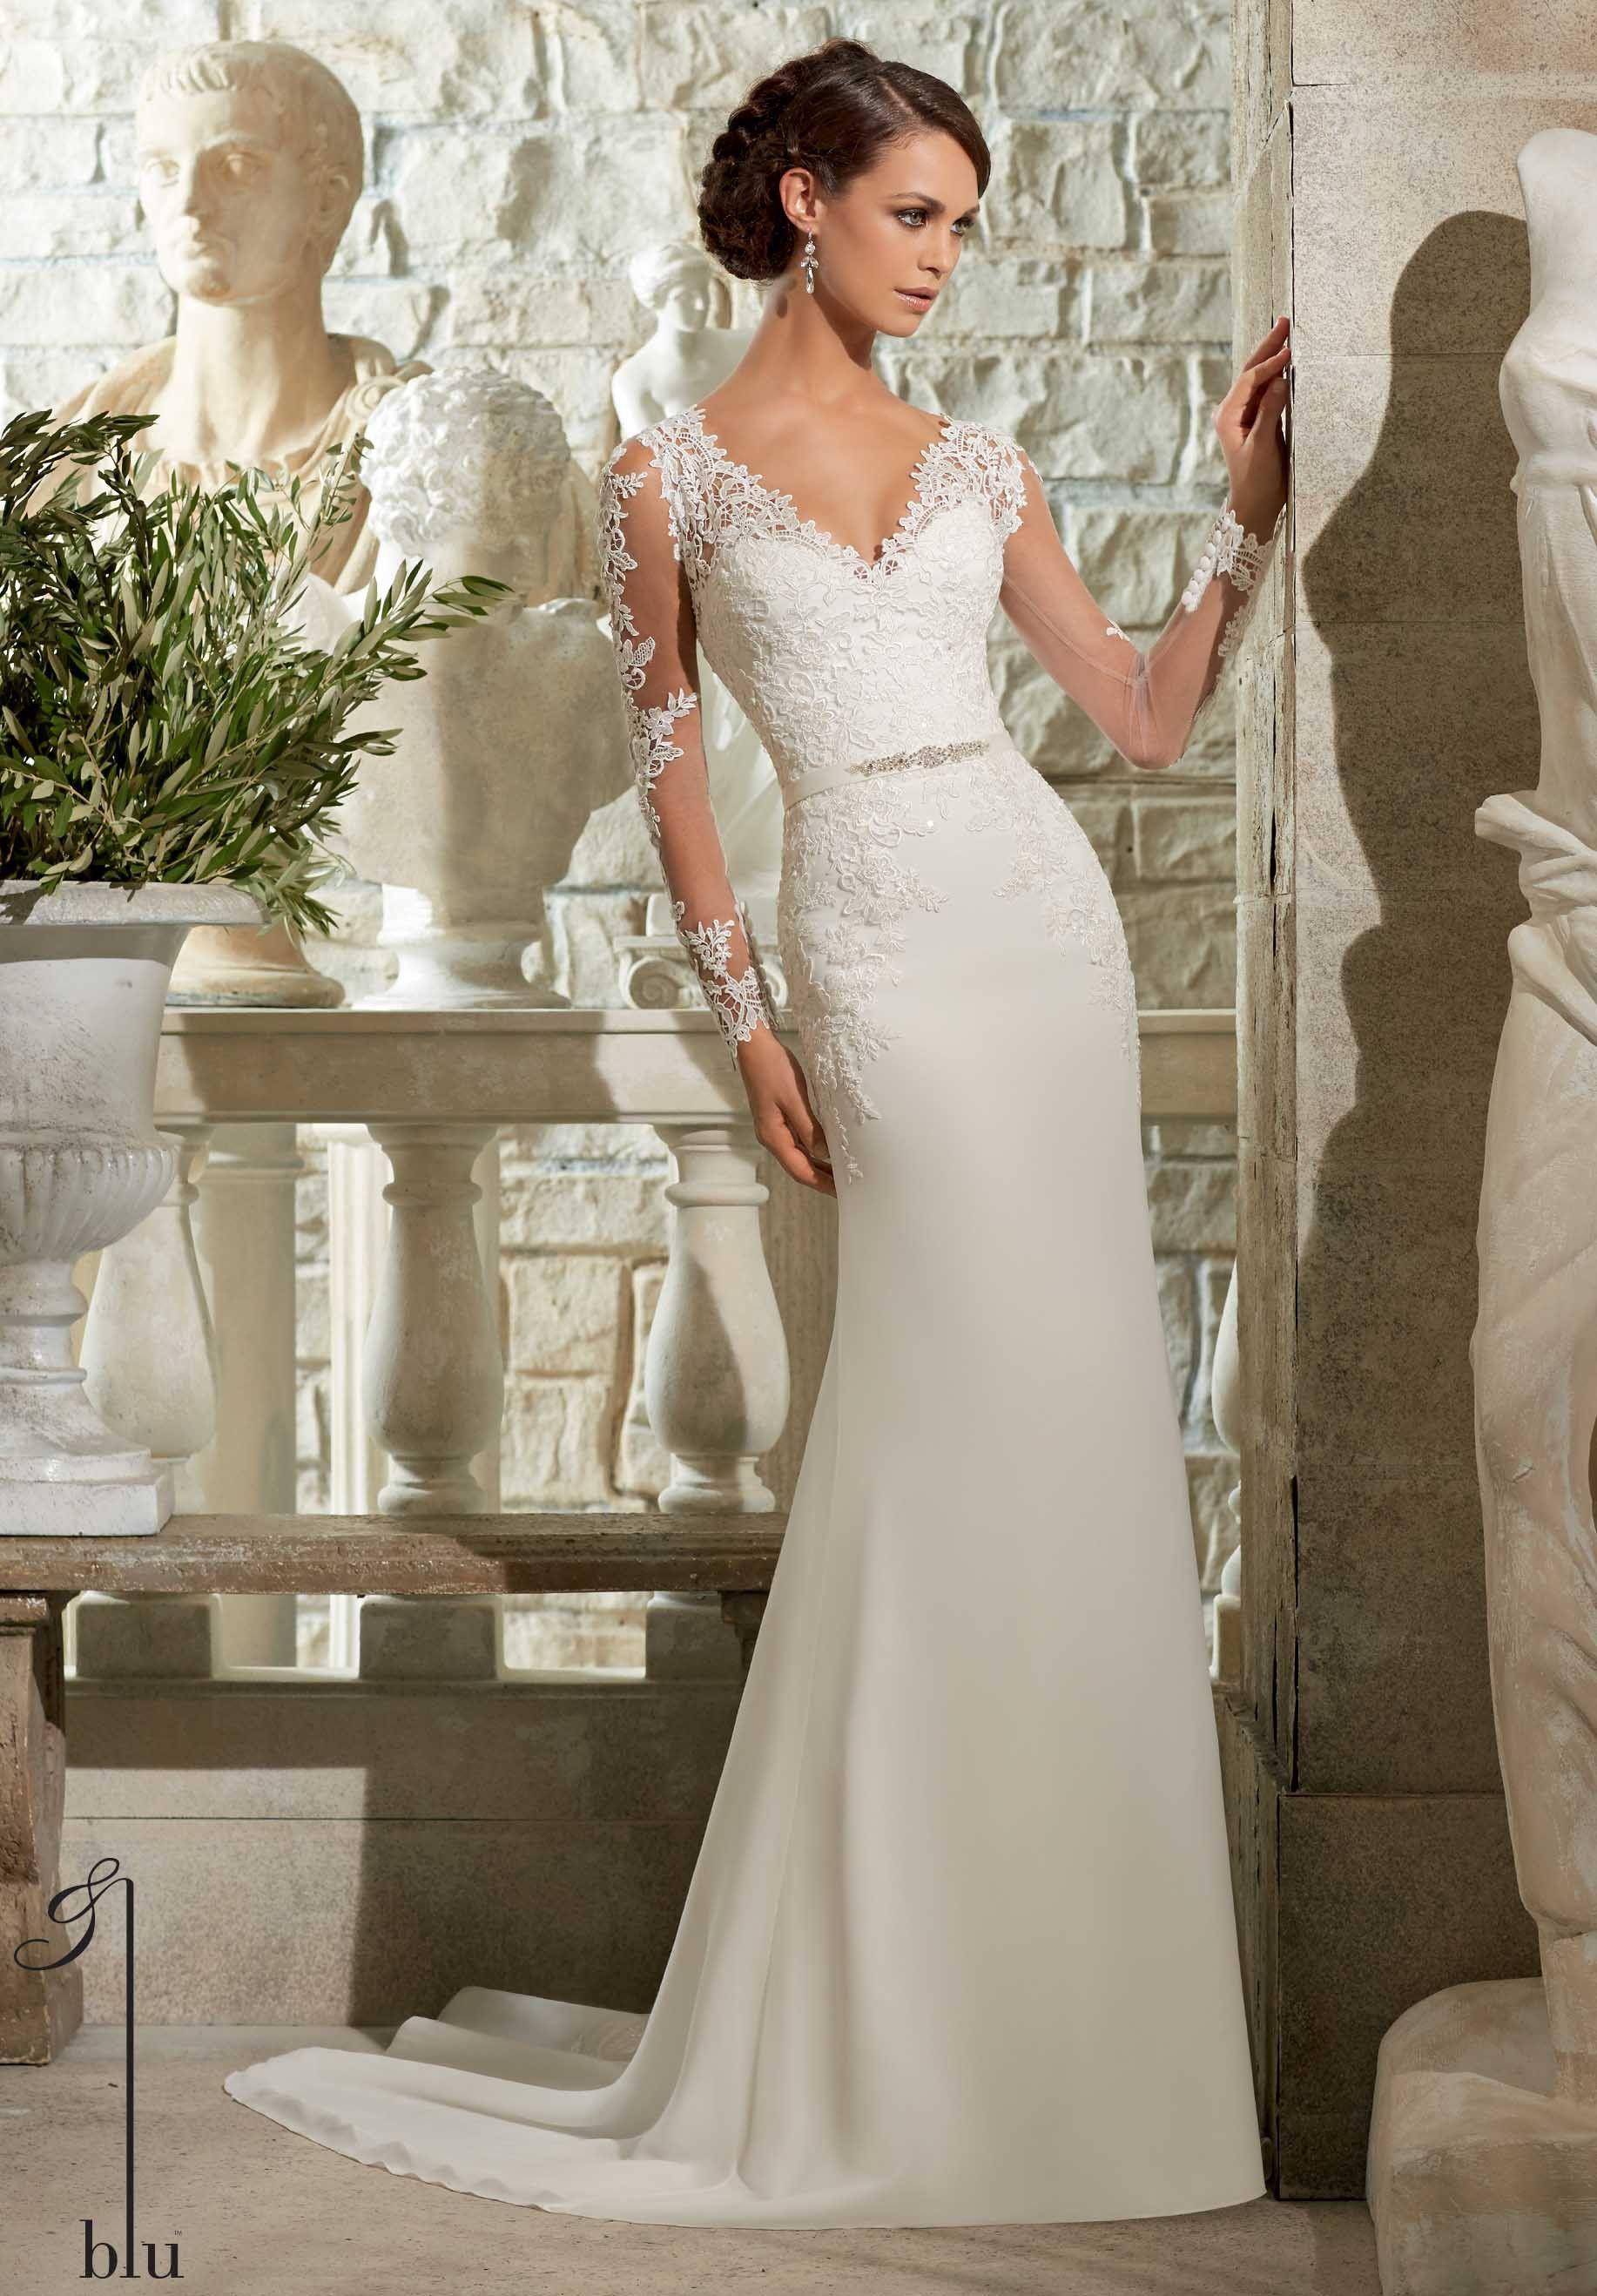 Alquiler vestido novia bucaramanga